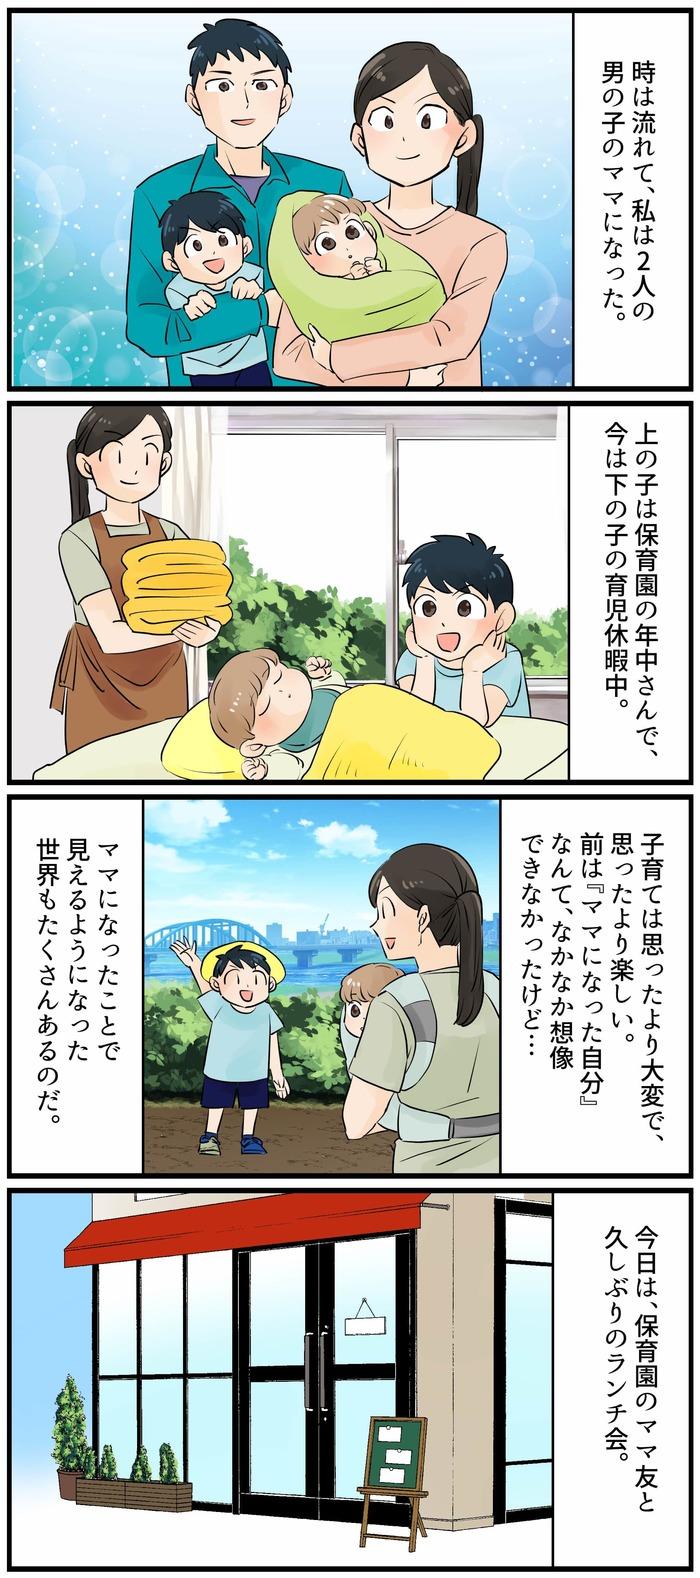 「ママのランチ会=おしゃれでお気楽」?実際に参加してみて分かったことの画像2